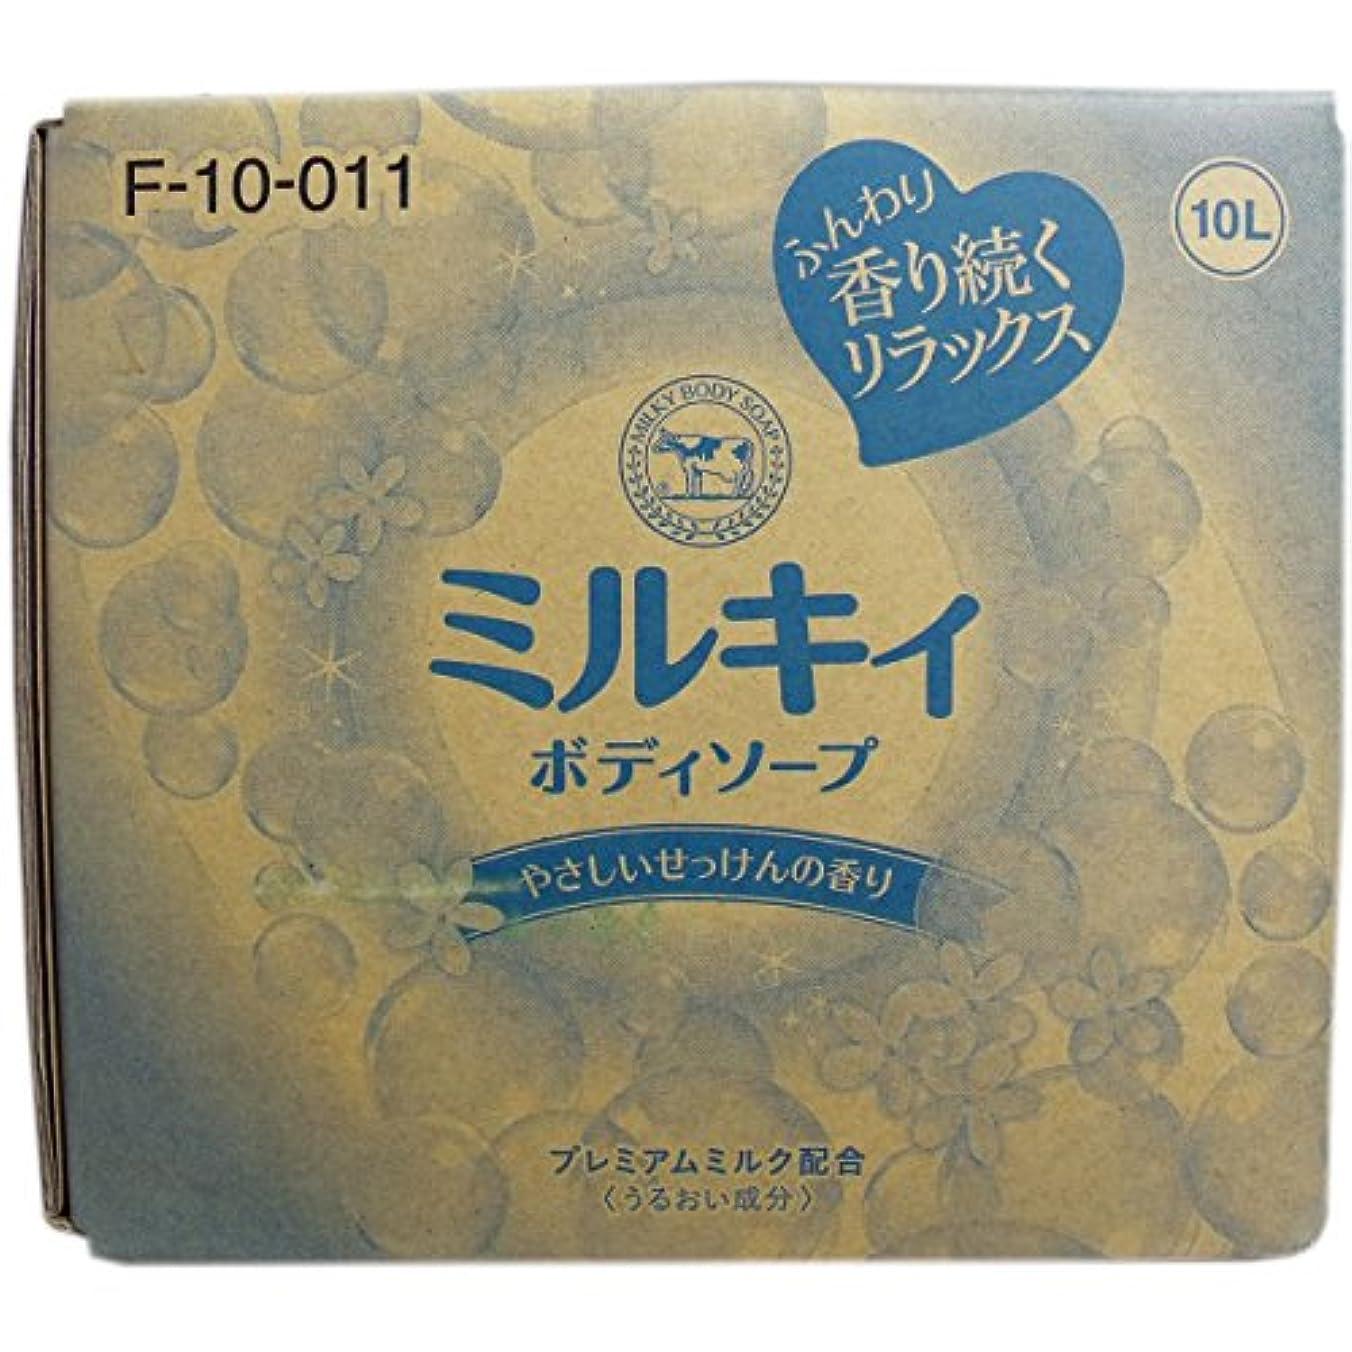 許容できるアンカートランク牛乳石鹸 ミルキィボディソープ ミルキィボディソープ 業務用 1個